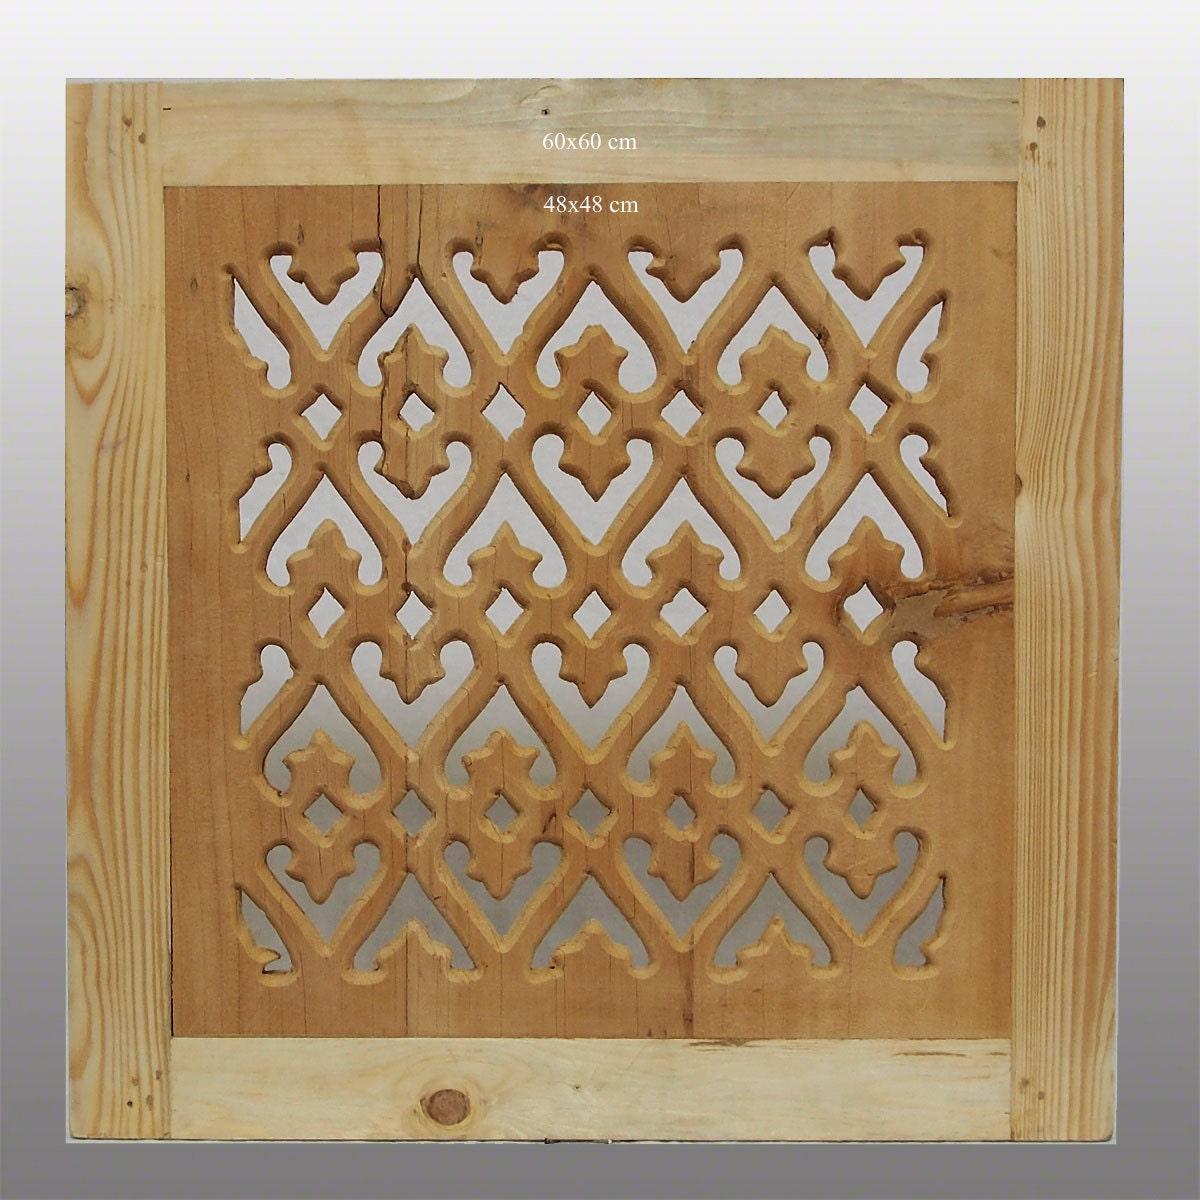 60x60 cm orient holz fenster gitter ziergitter islamic wooden for Fenster 60x60